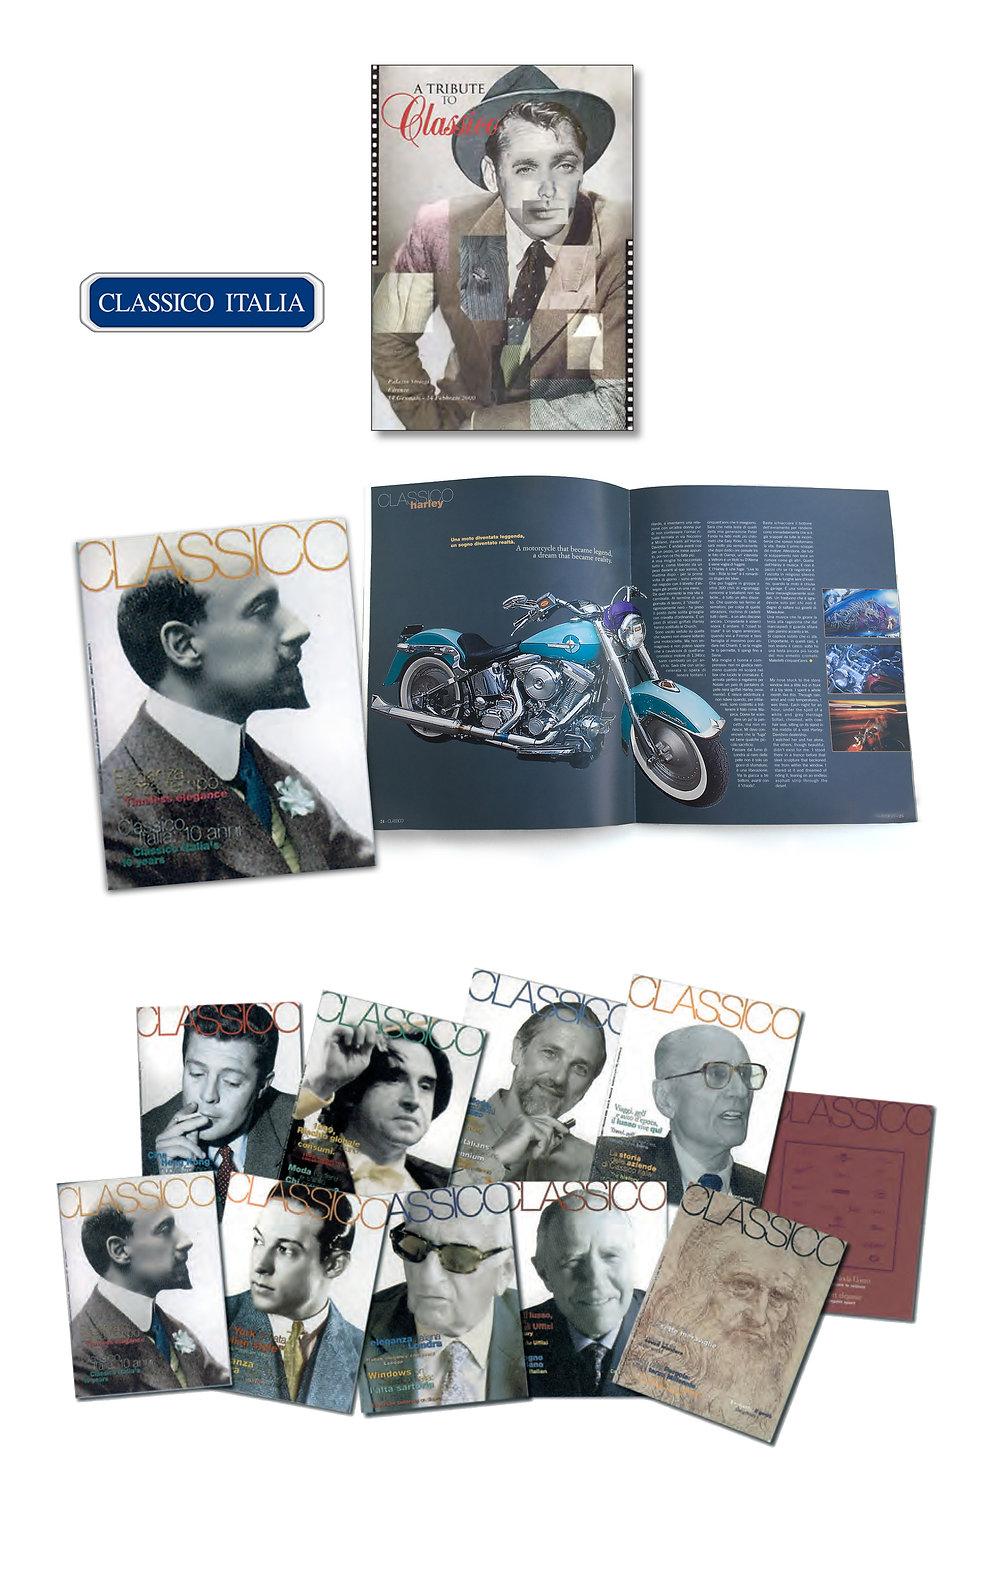 Classico Italia, Consorzio Abbigliamento Uomo, Luxury